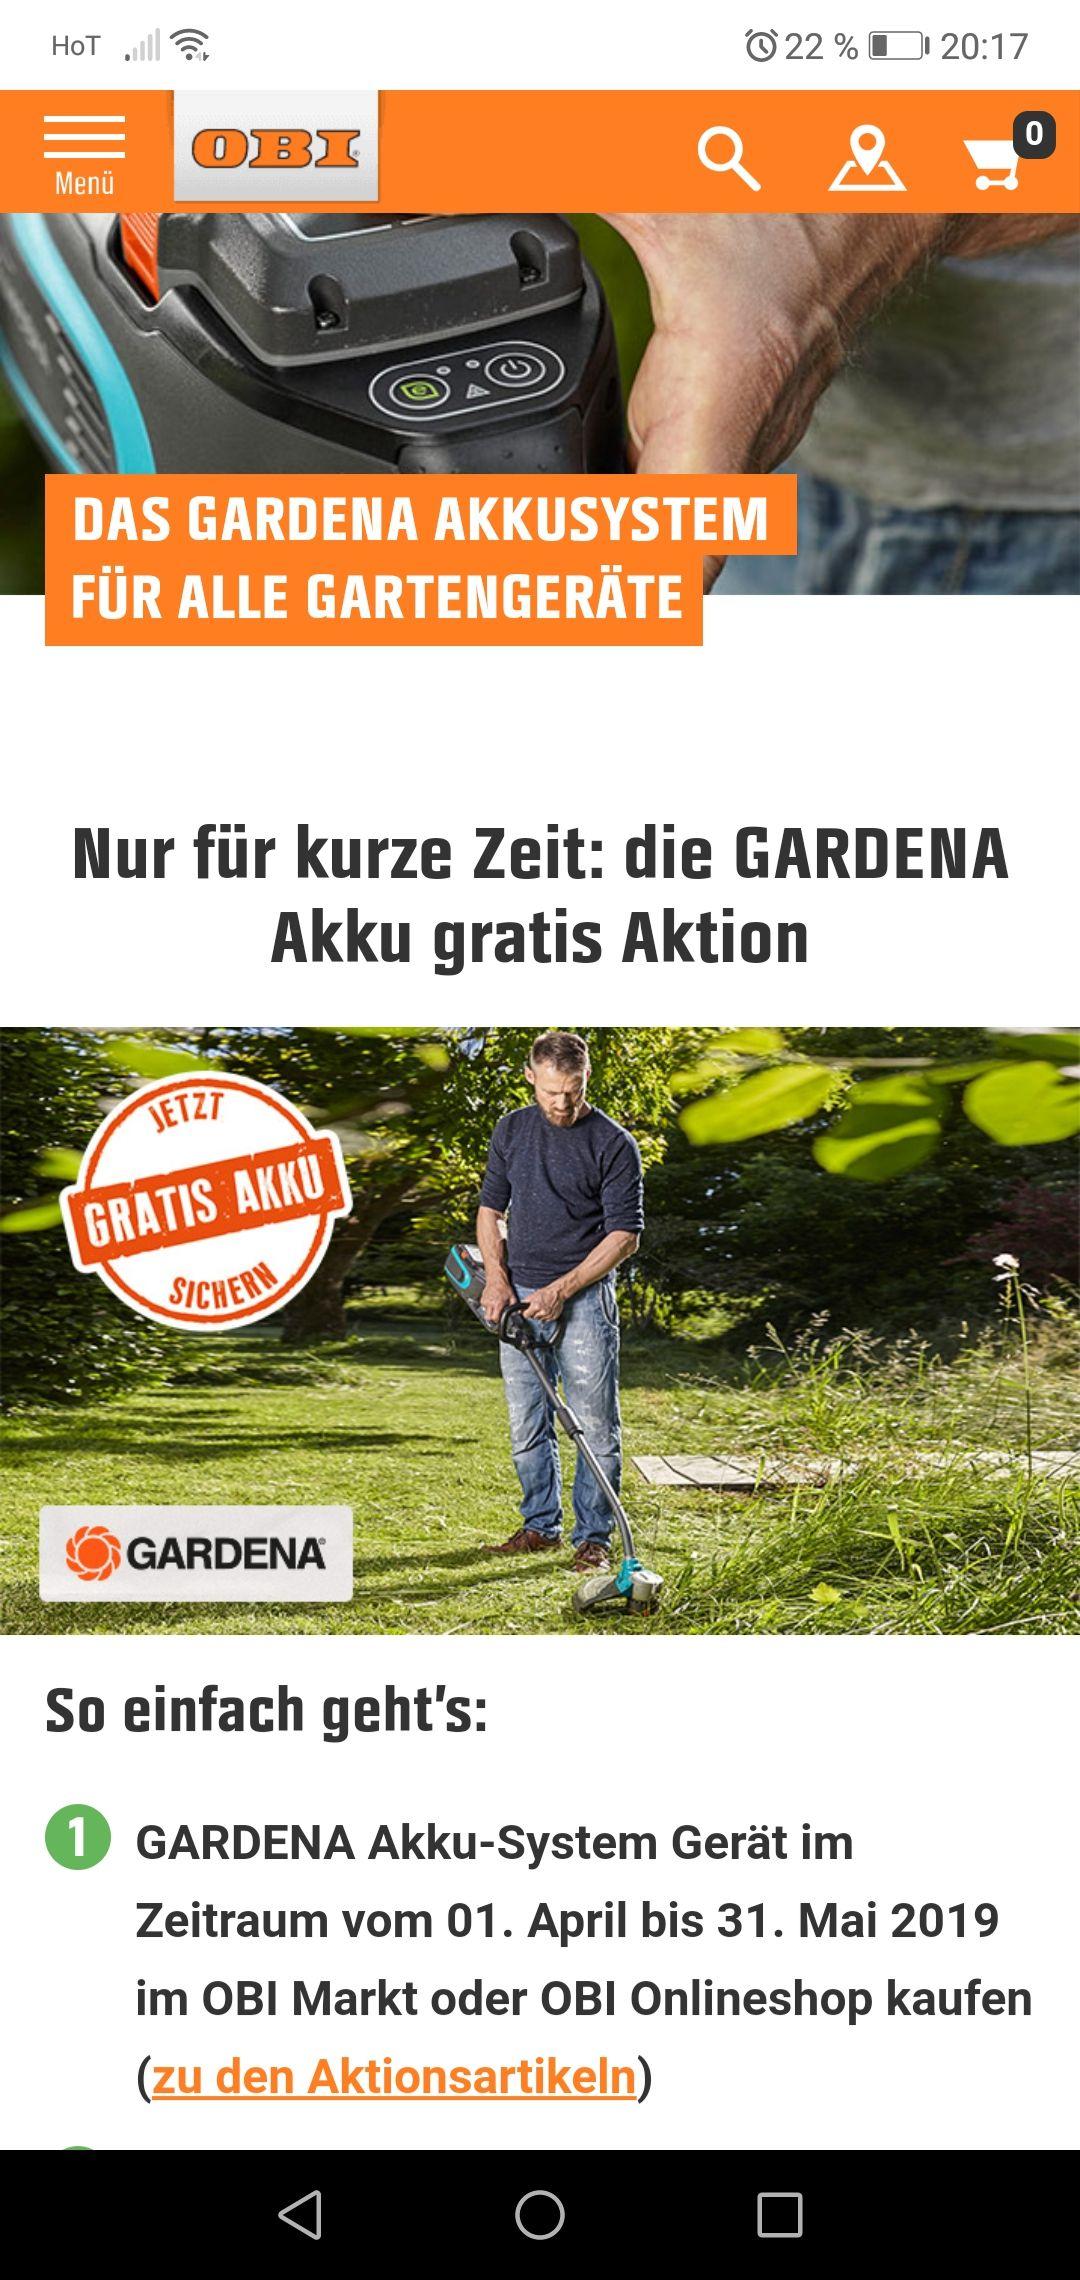 Obi gratis Akku bei Kauf eines Gardena Gartengeräts